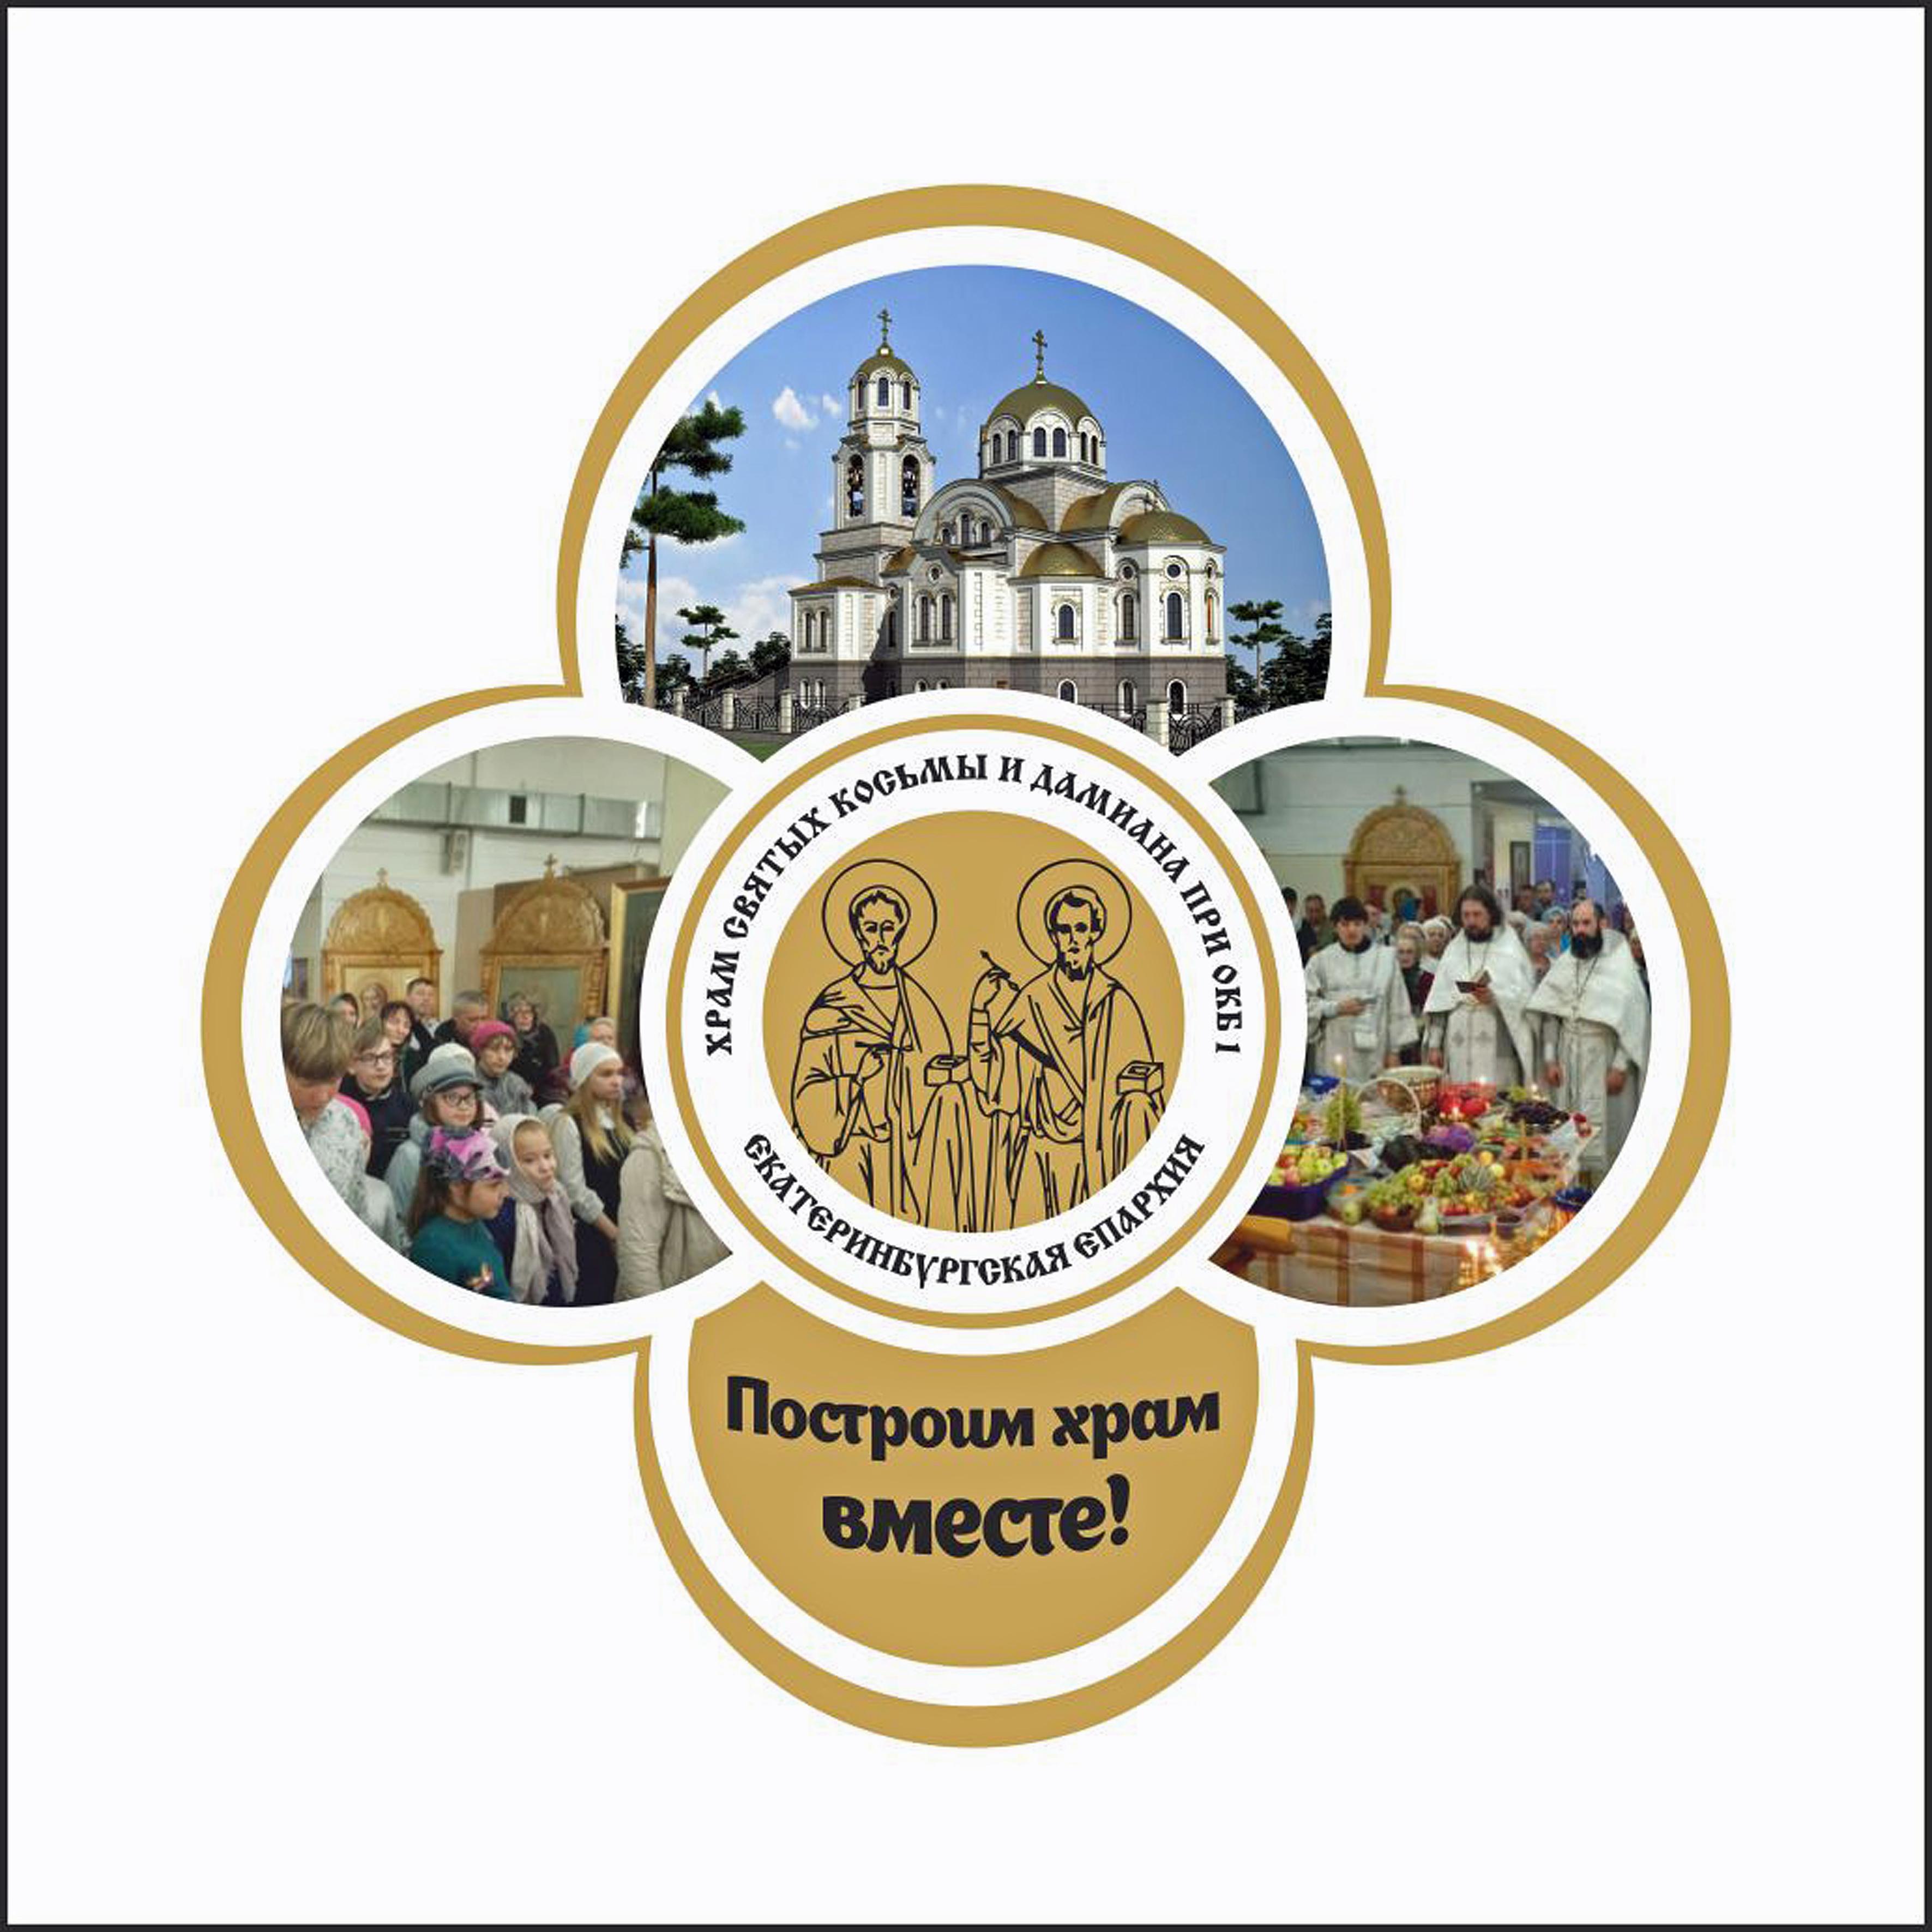 Построим Храм вместе! Храм Косьмы и Дамиана Асийских, г. Екатеринбург.